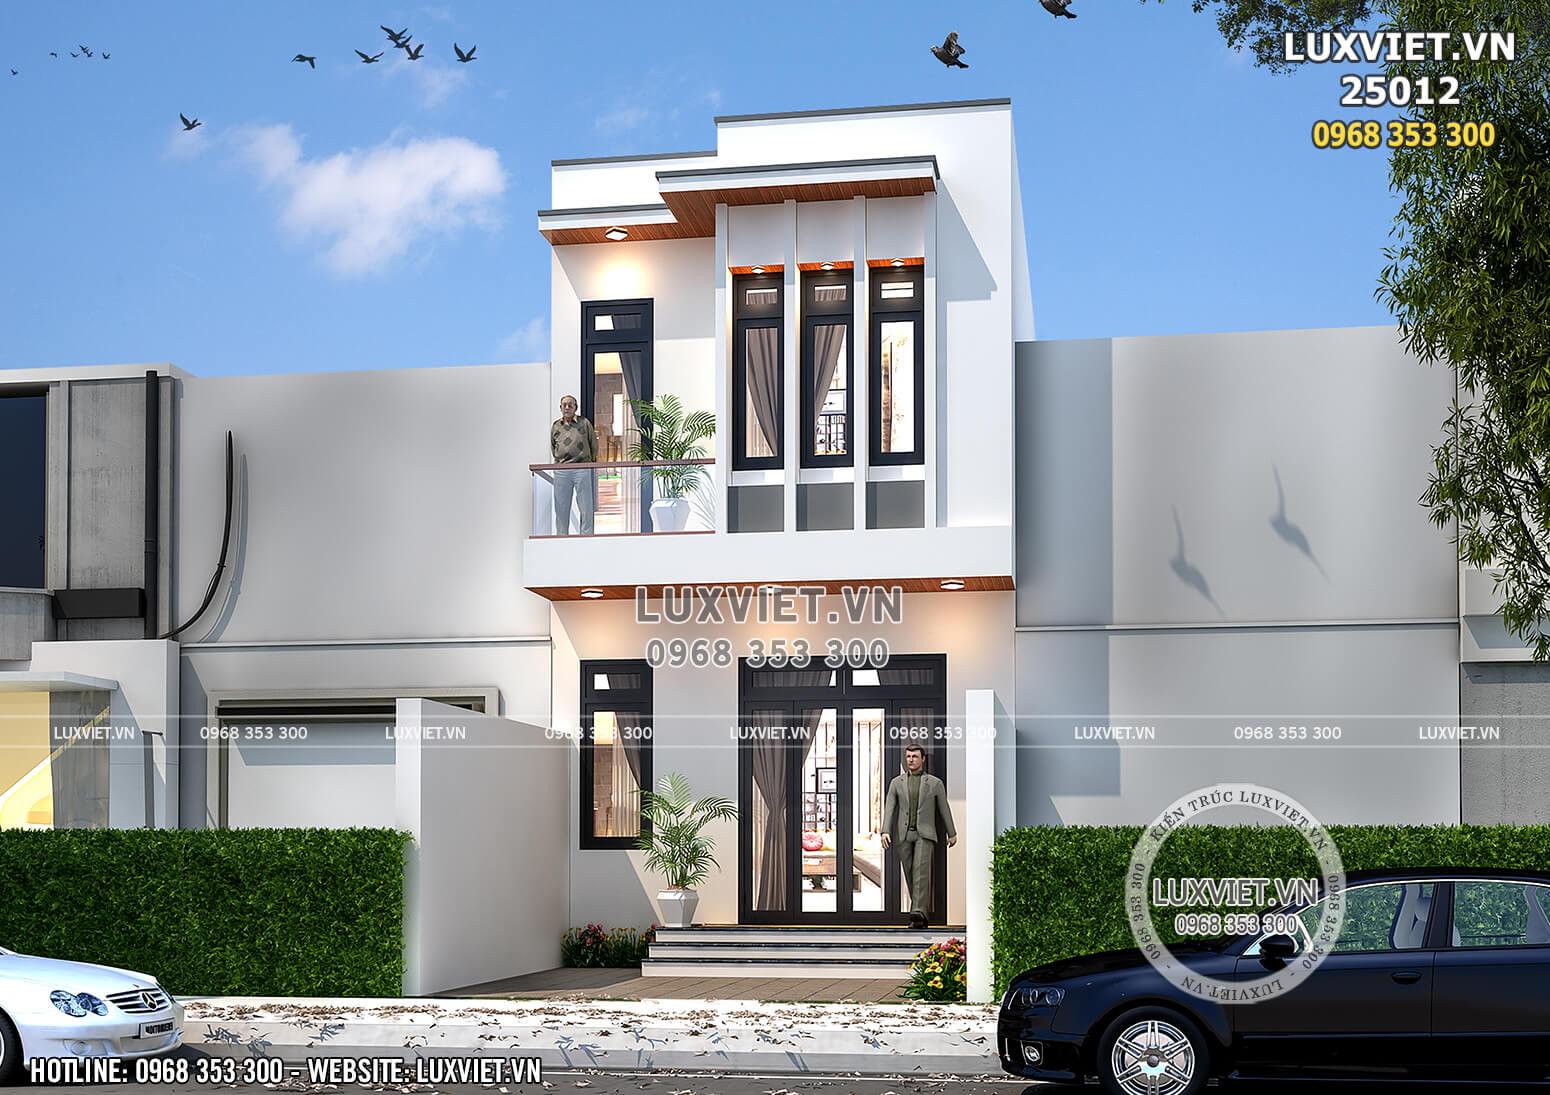 Mẫu nhà 2 tầng đẹp đơn giản 60m2 mặt tiền 4,5m tại Hà Nam - LV 25012